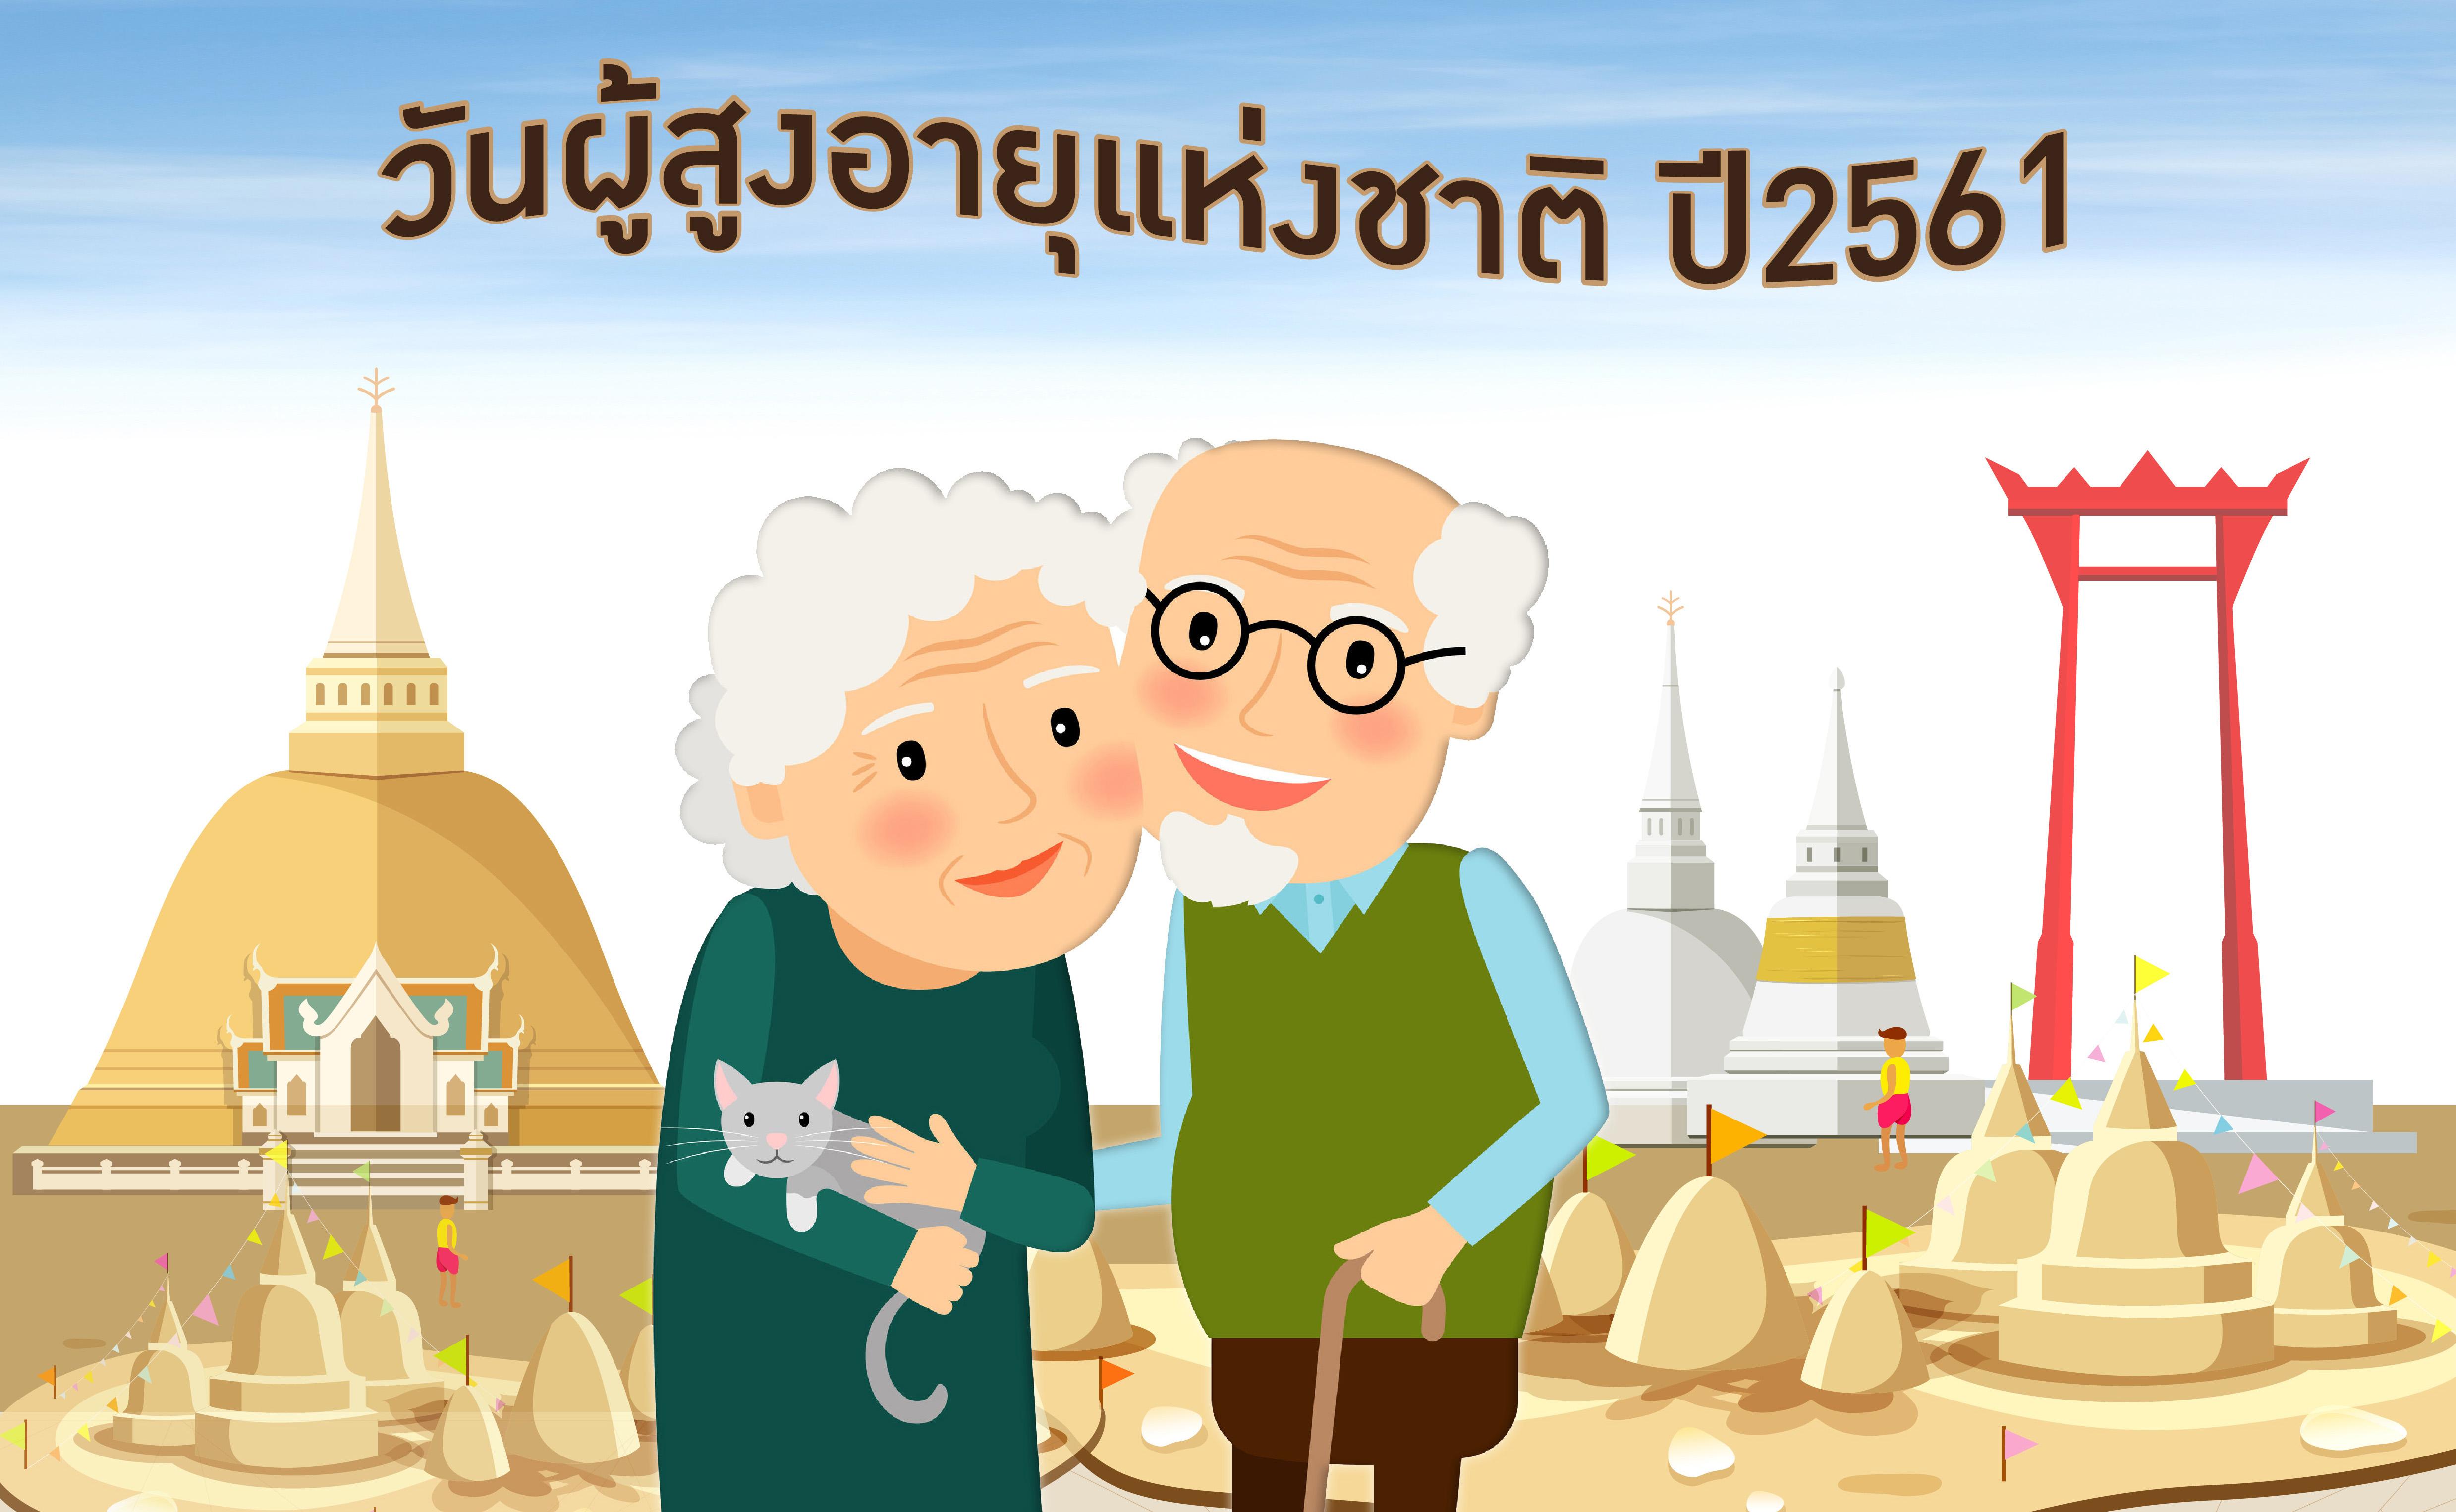 วันผู้สูงอายุแห่งชาติ ปี2561